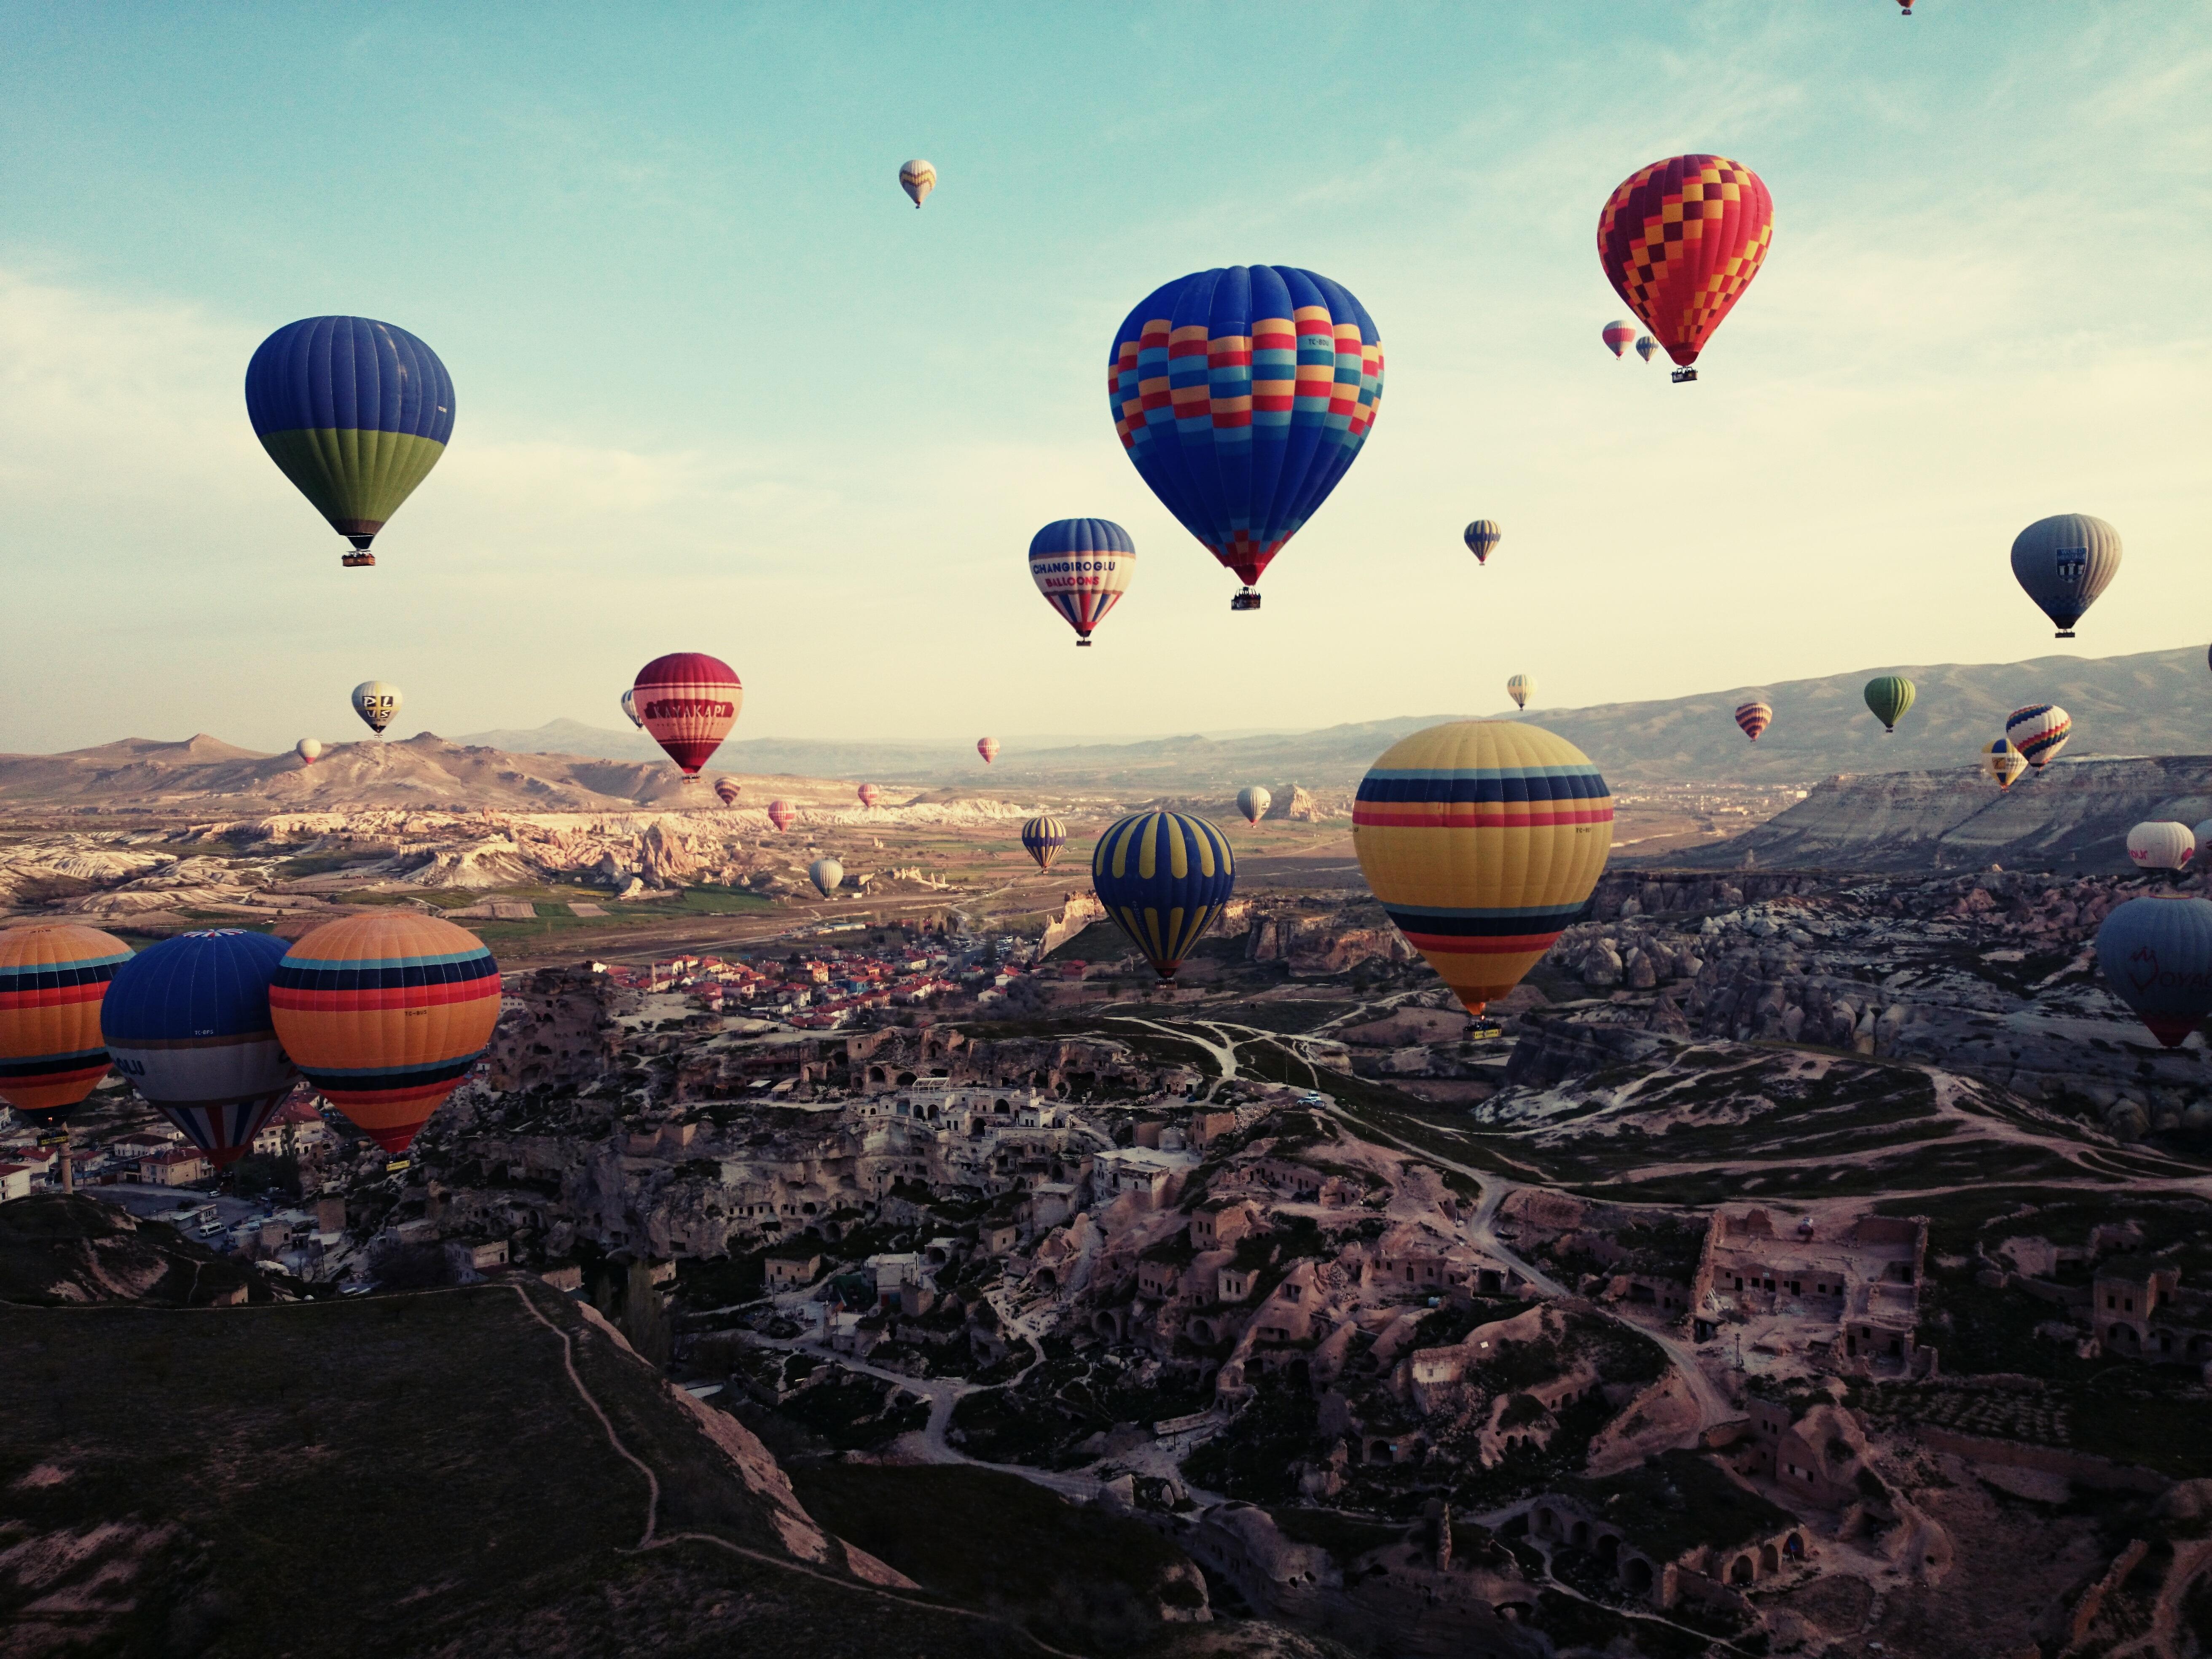 cappadocia-805624